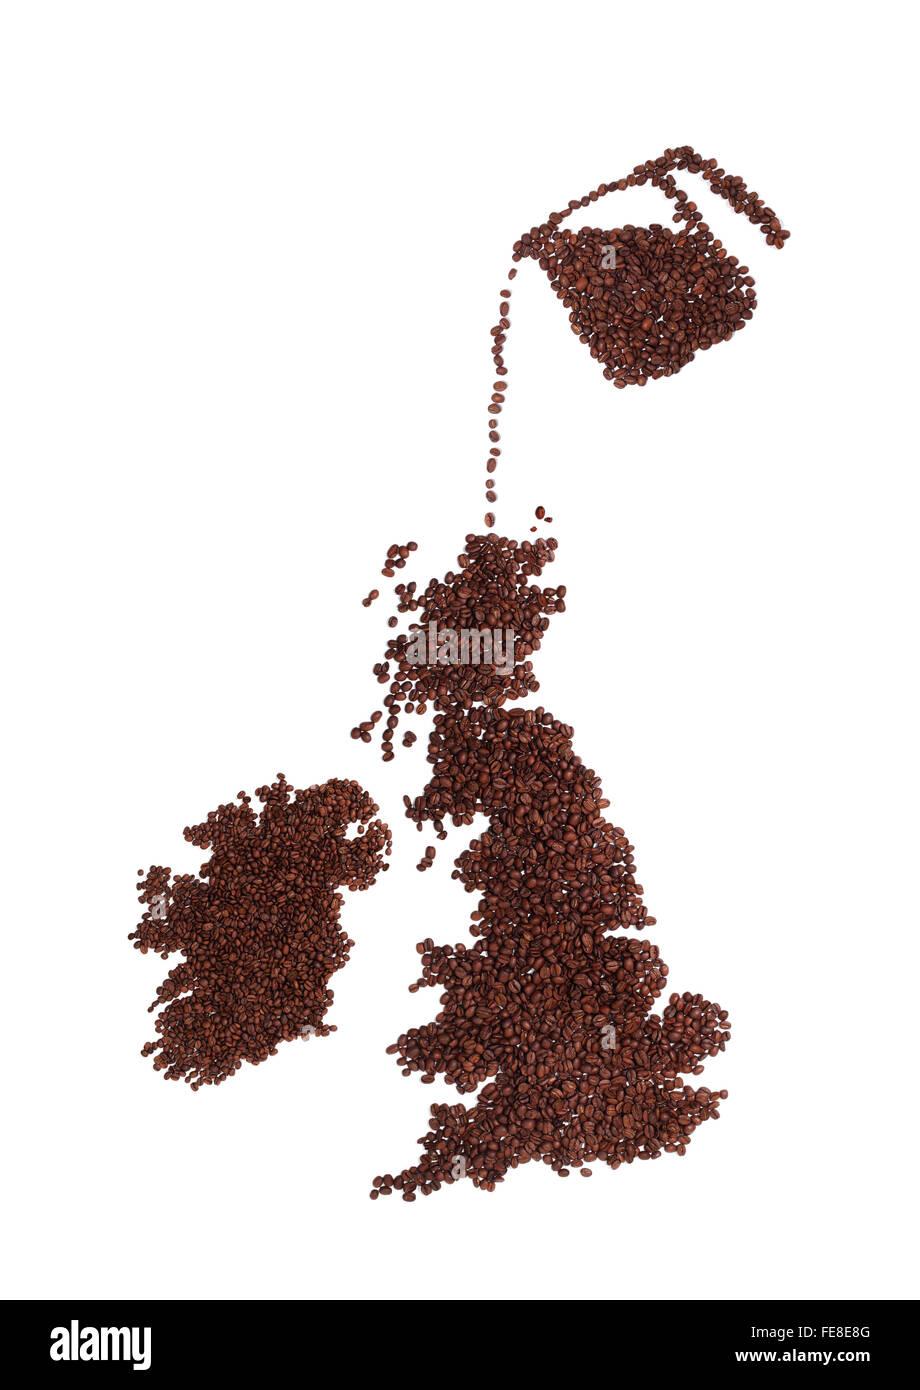 Jarra de café verter los frijoles en un mapa de Inglaterra, Irlanda y Escocia. Todas hechas de Brown, los granos Imagen De Stock